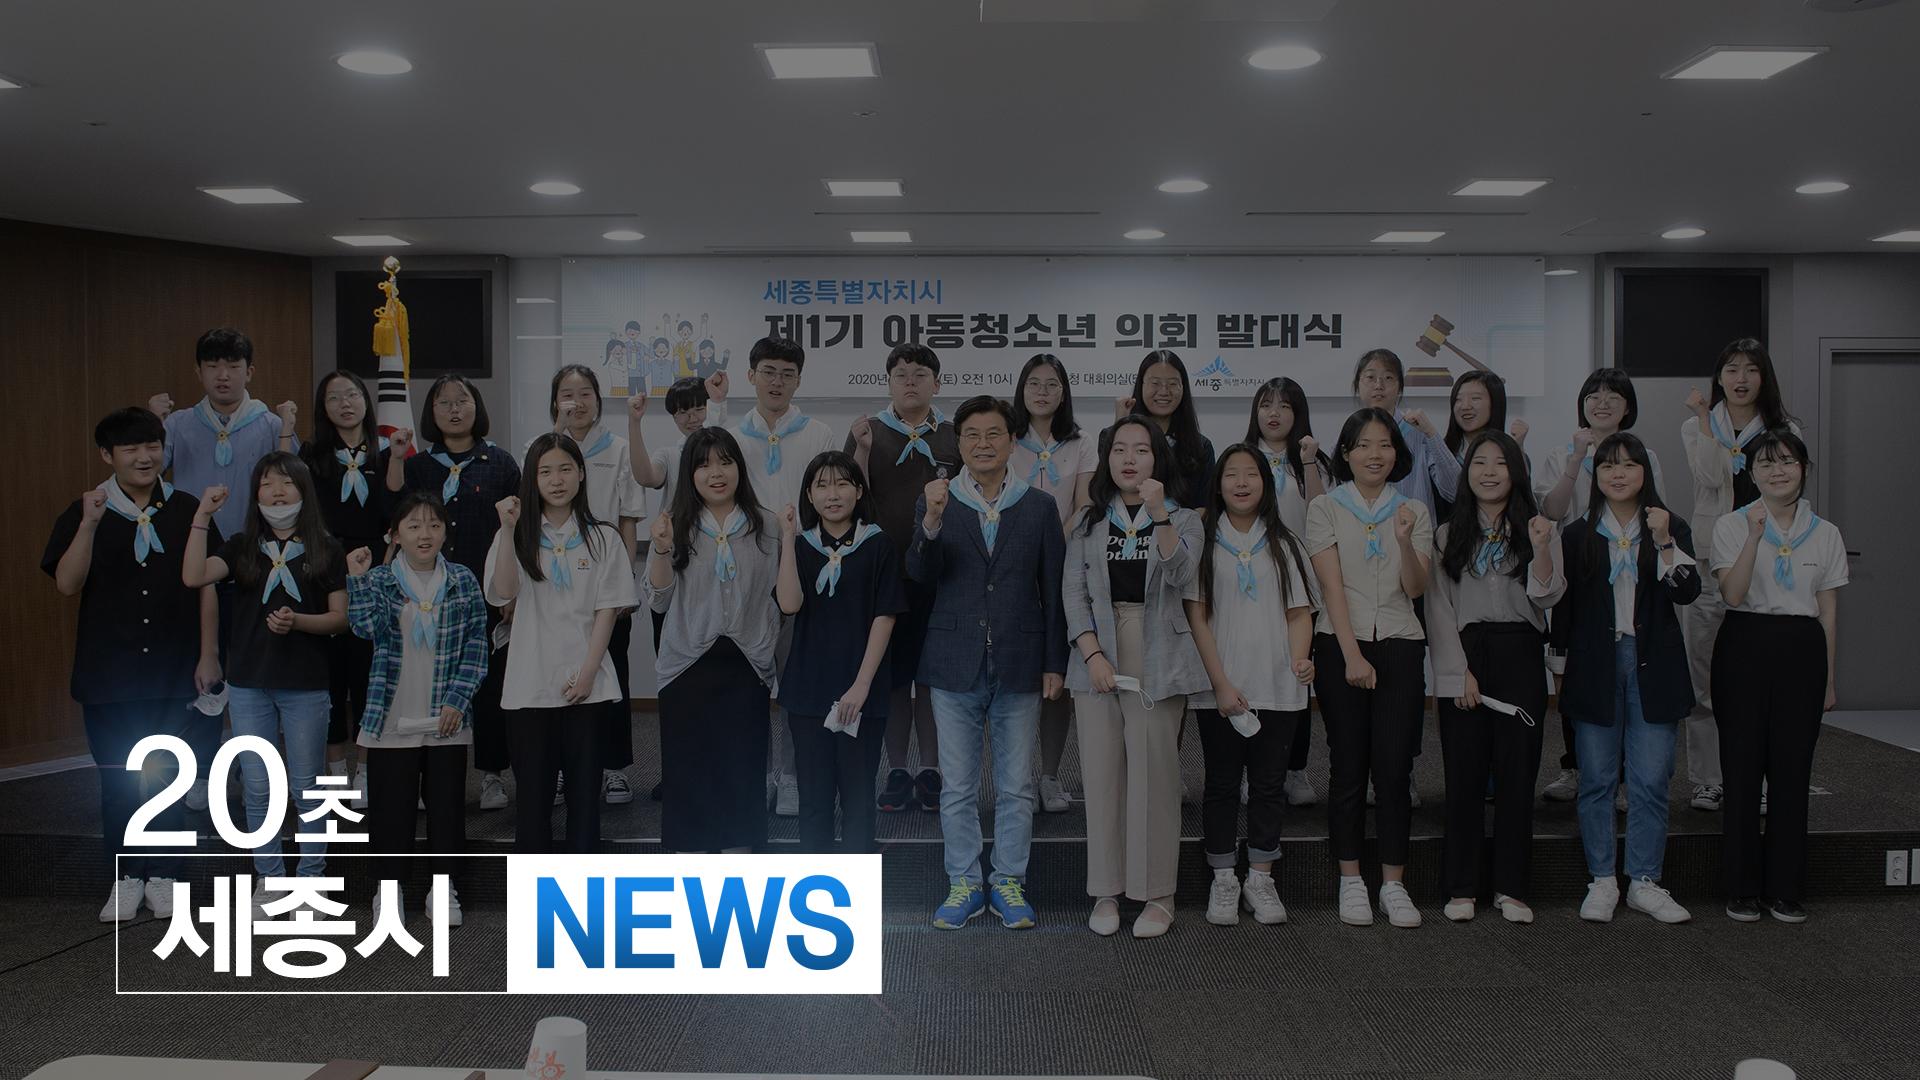 <20초뉴스>  '아동청소년 의회 출범'아동친화도시 만든다